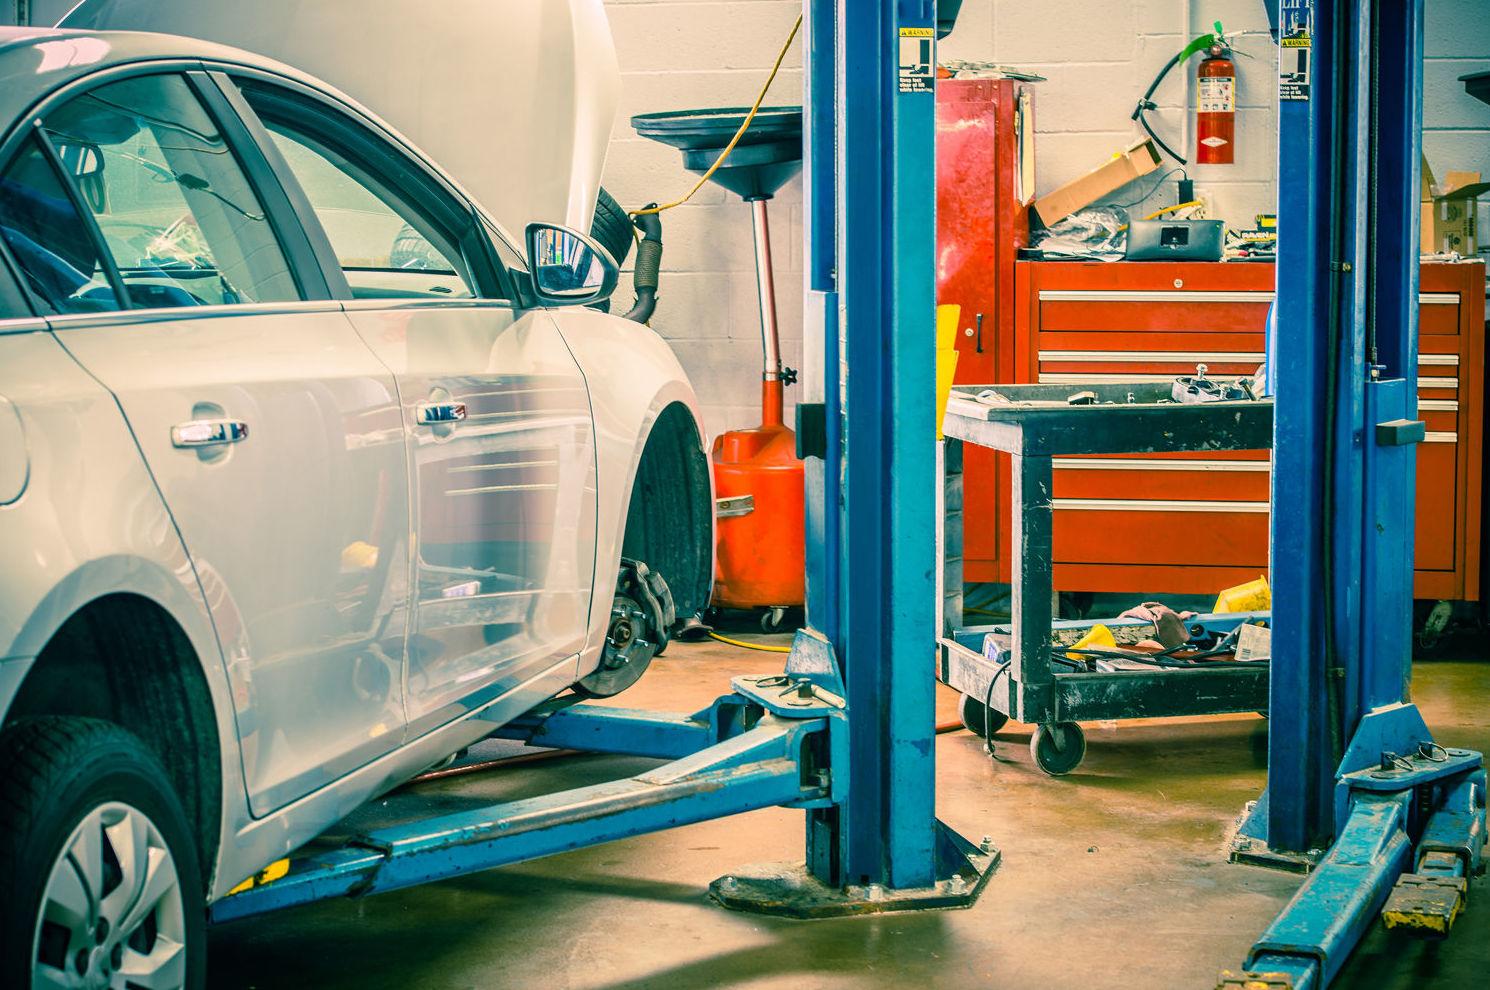 Taller de reparación de automóviles en Madrid